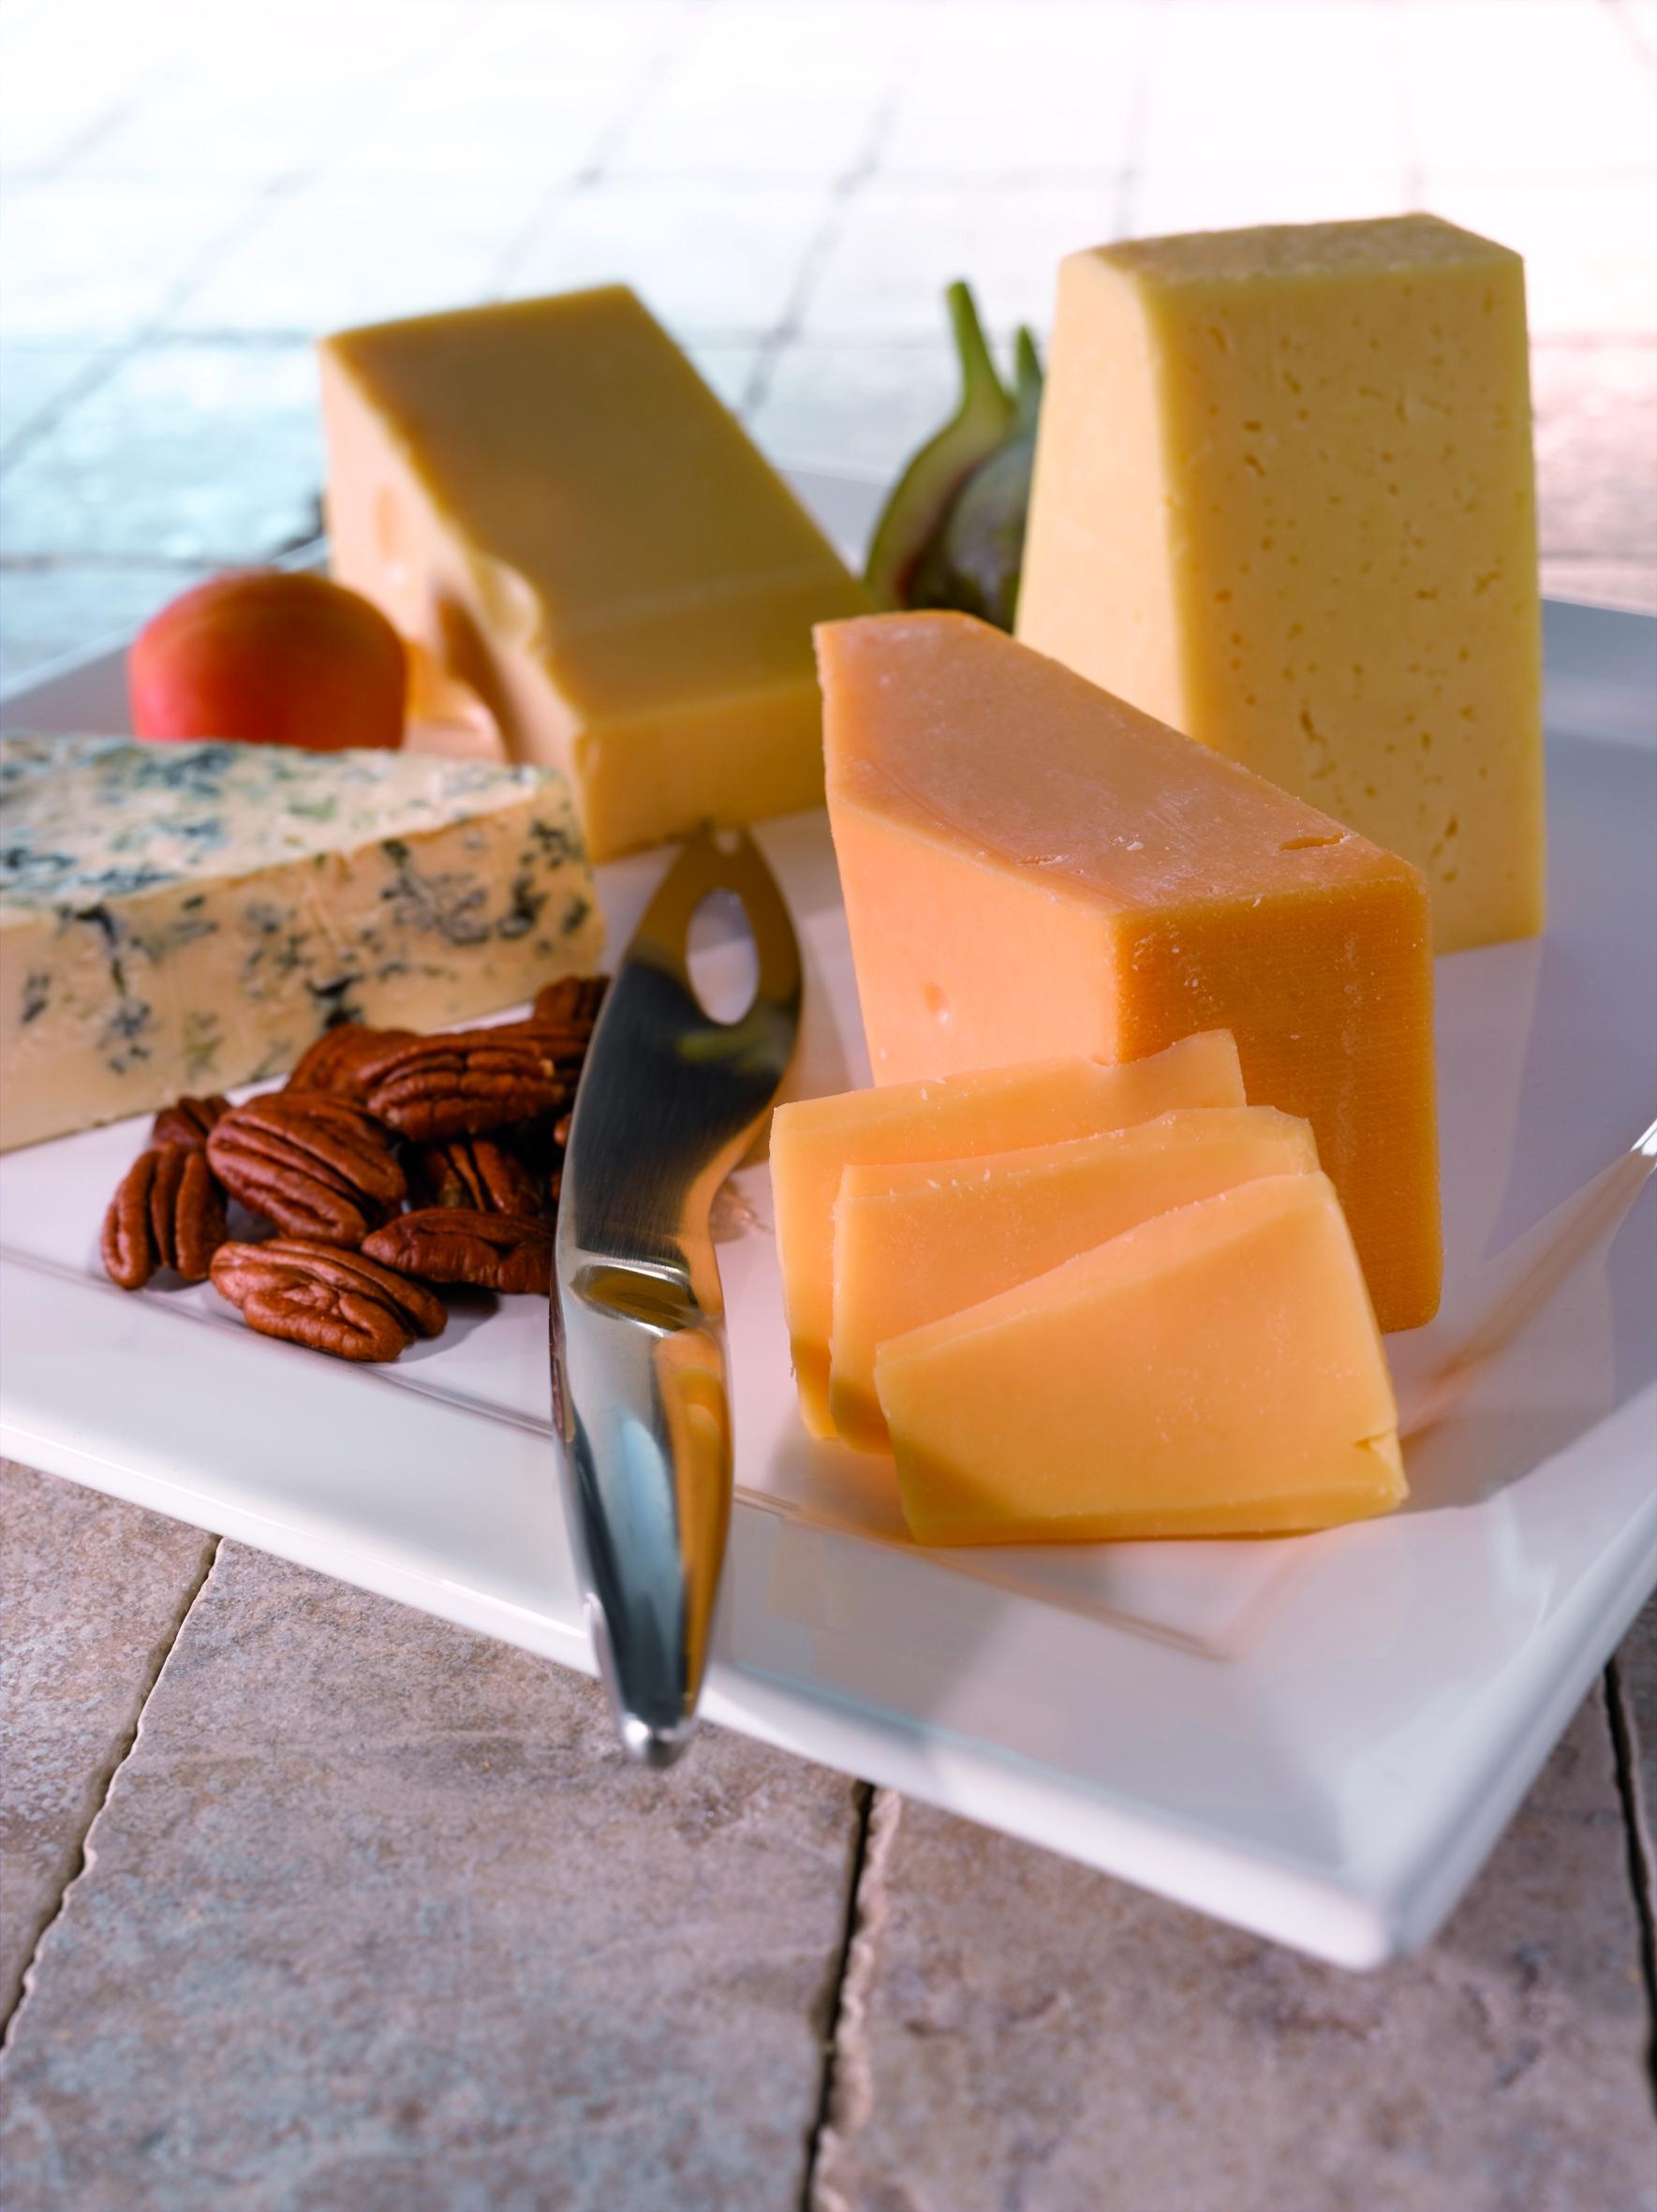 Gruyere tyyppinen juusto